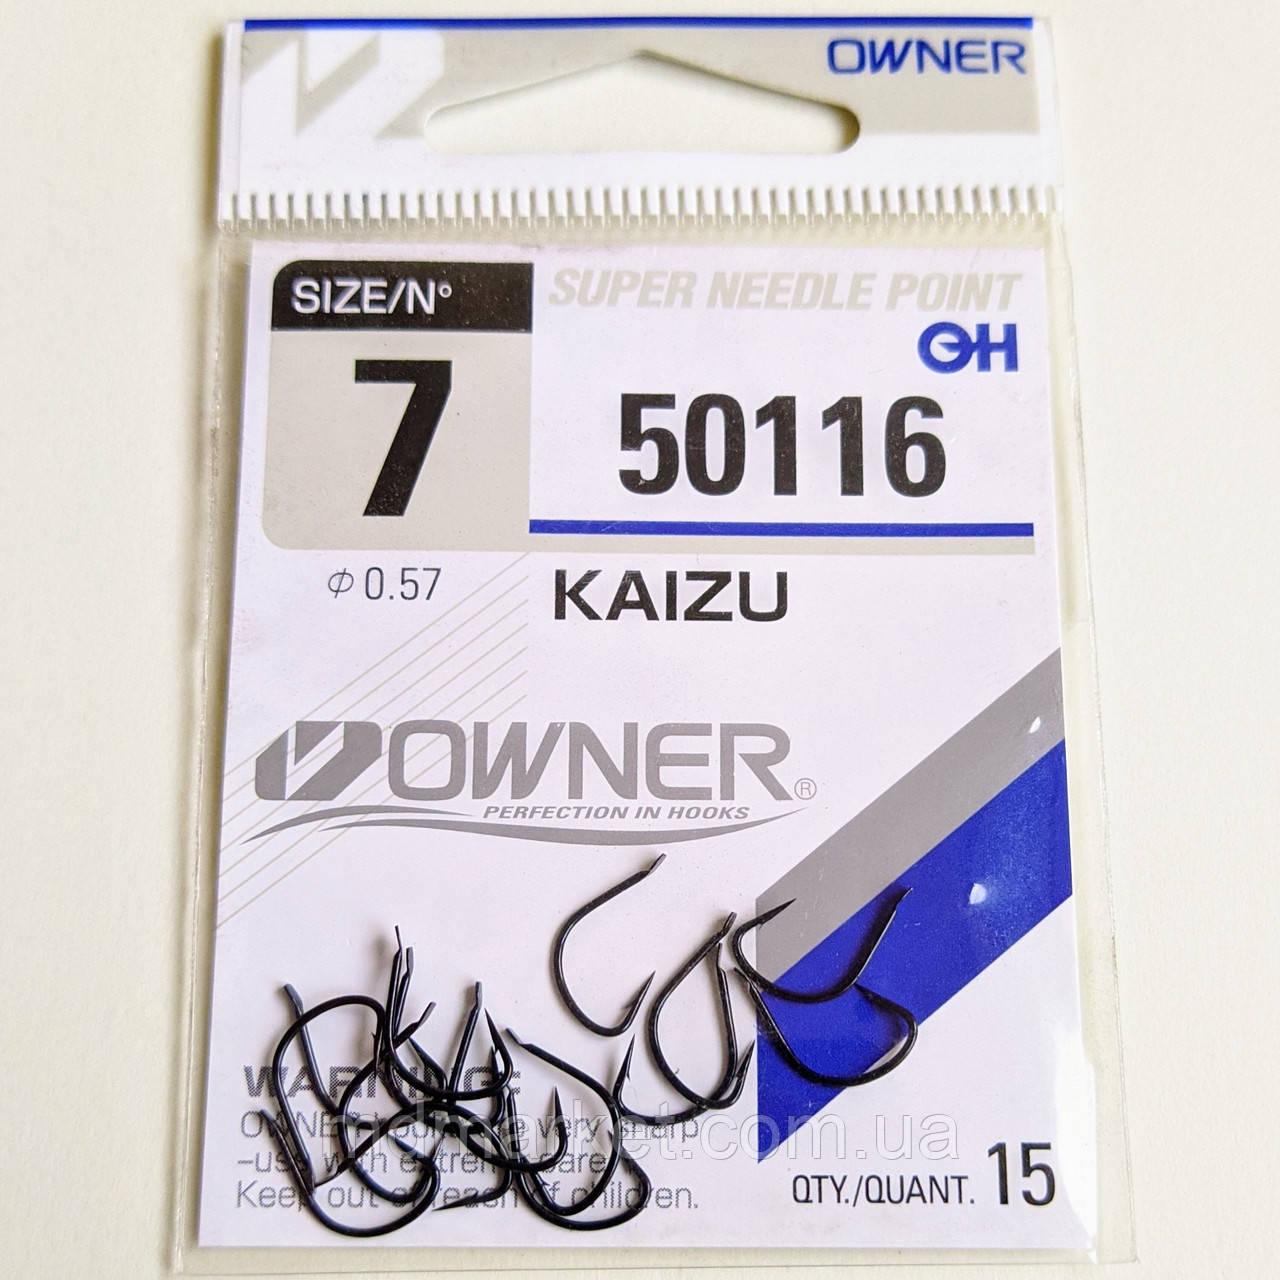 Крючок owner Kaizu 50116 №7